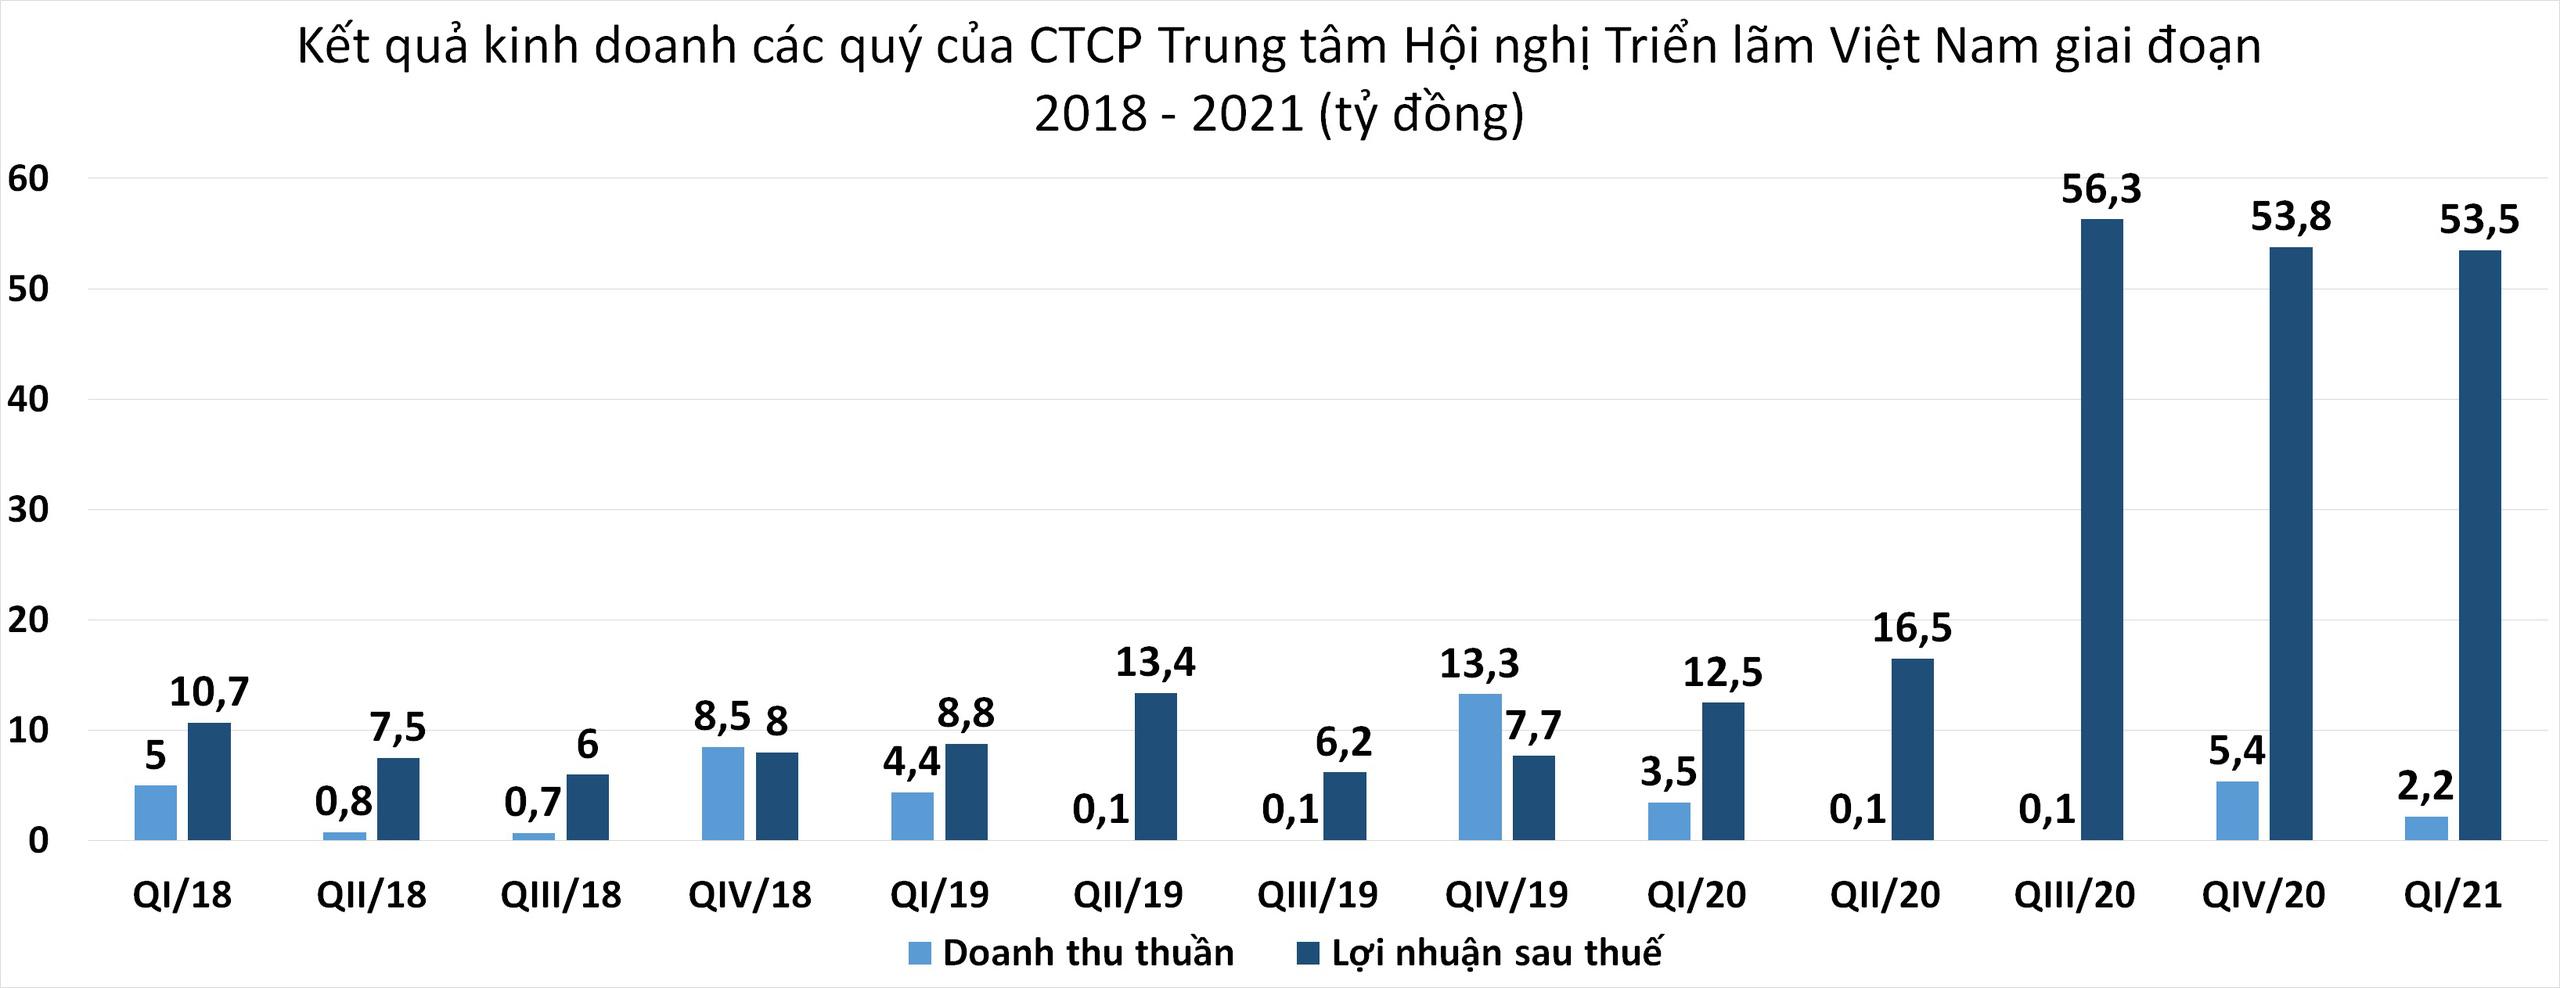 Lợi nhuận quý I/2021 của CTCP Trung tâm Hội chợ Triển lãm Việt Nam tăng 327% nhờ doanh thu tài chính - Ảnh 1.